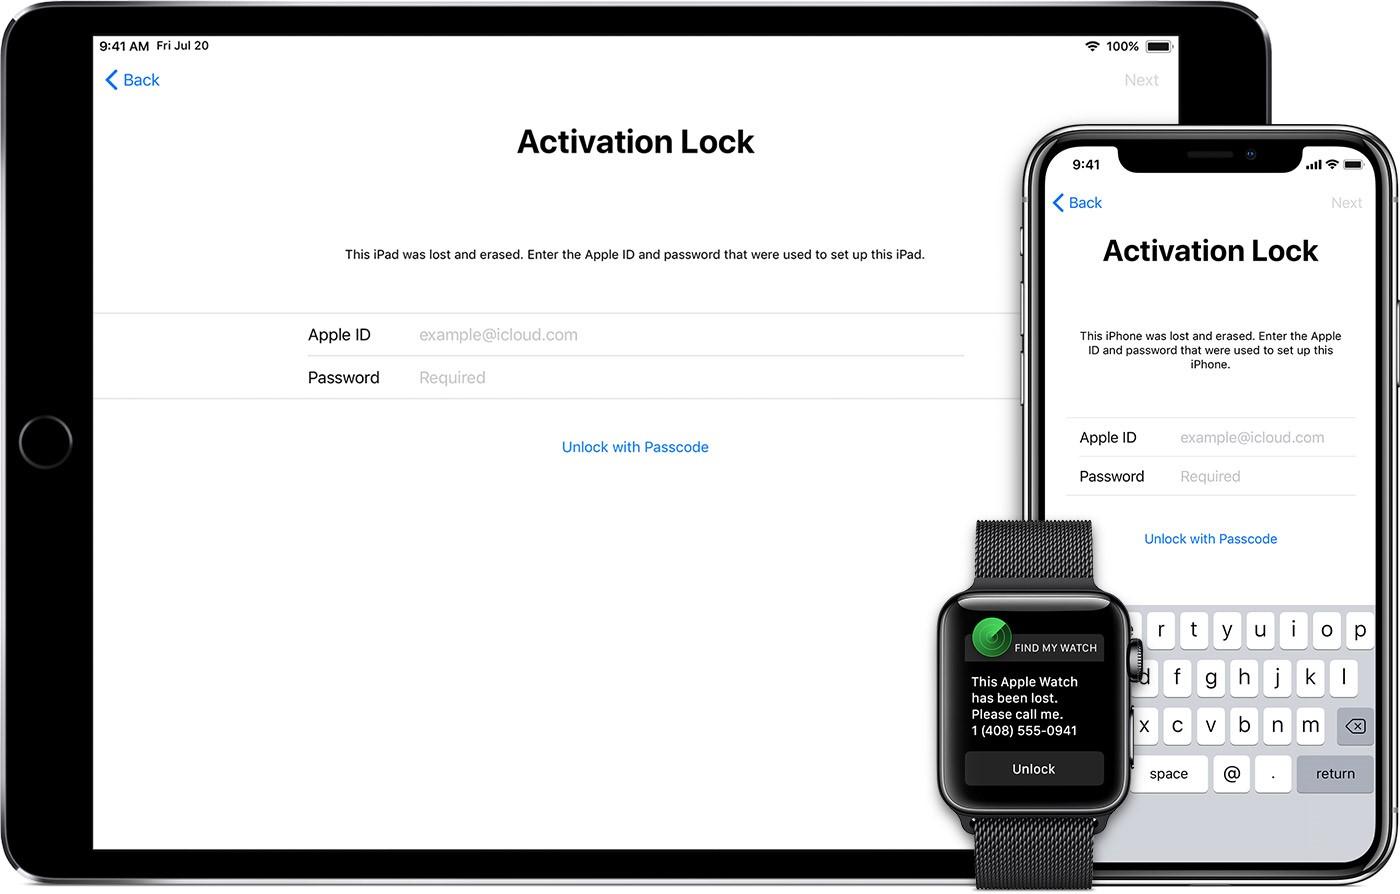 Trạng thái iCloud ẩn nếu bạn quên mật khẩu hoặc máy bị báo mất